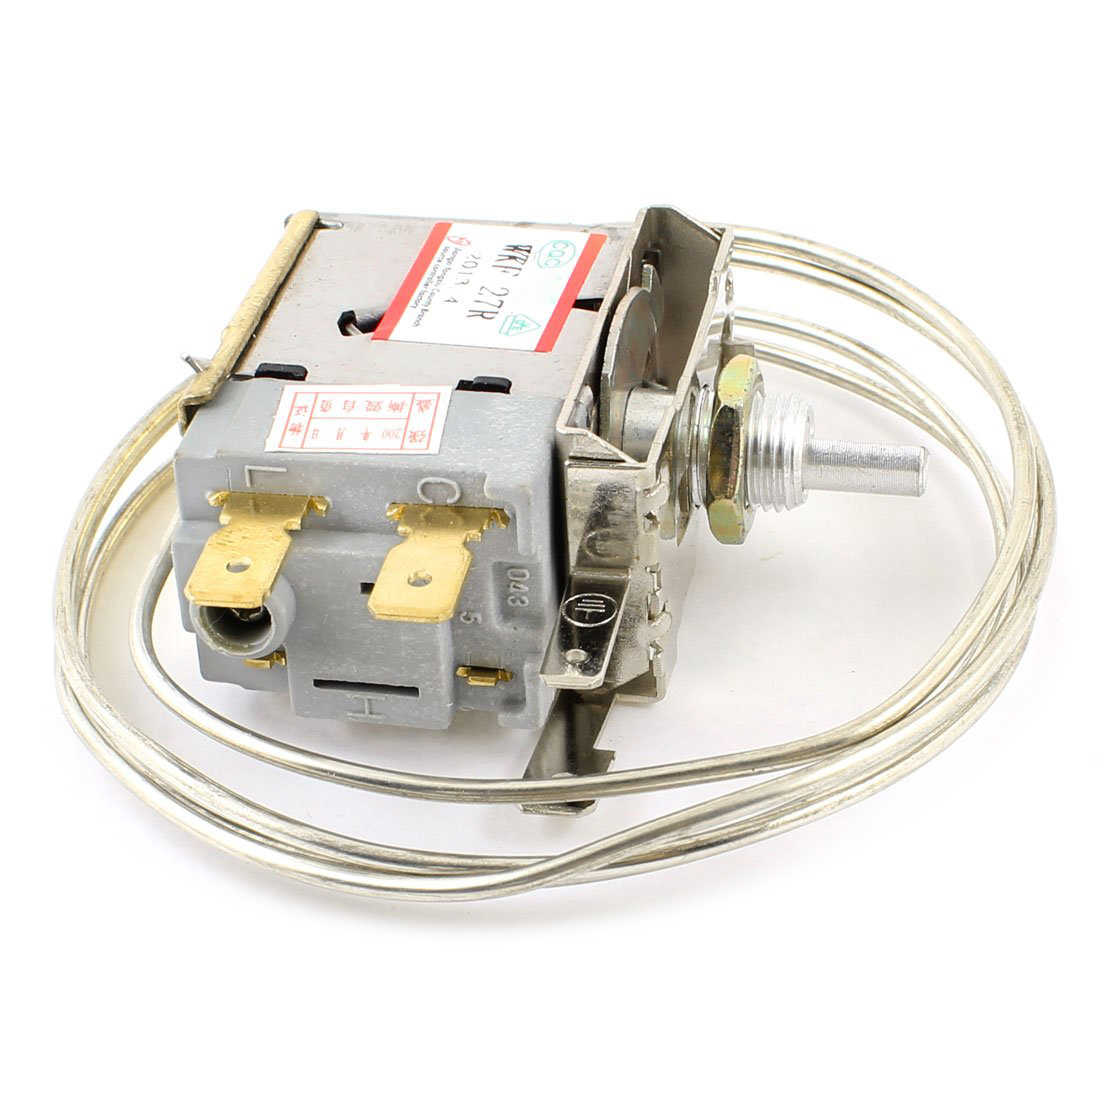 AC 250V 6A 2 Pin Terminals Freezer Refrigerator Thermostat wpf22a ac 220 250v refrigerator refrigeration thermostat w 30cm metal cord